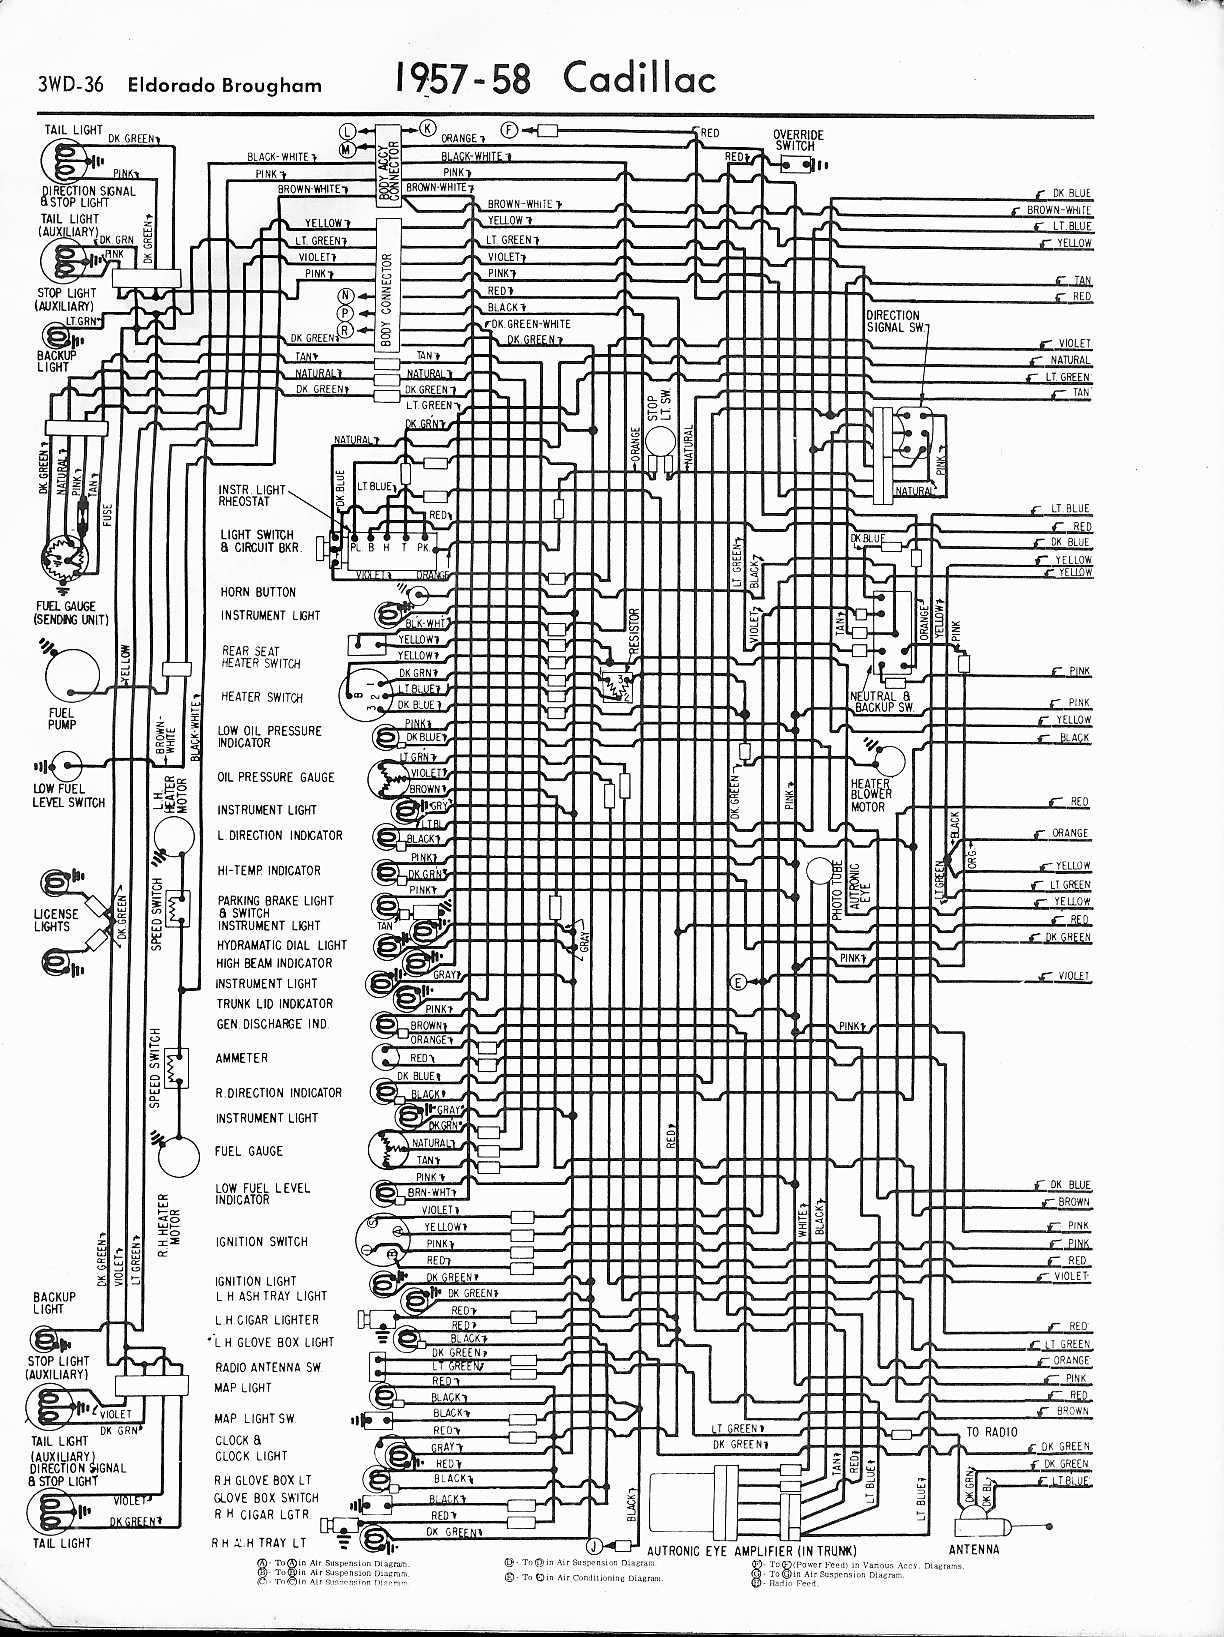 Cadillac Eldorado Wiring Schematic Wiring-Diagram 2000 Cadillac Eldorado  Cadillac Eldorado Wiring Diagram